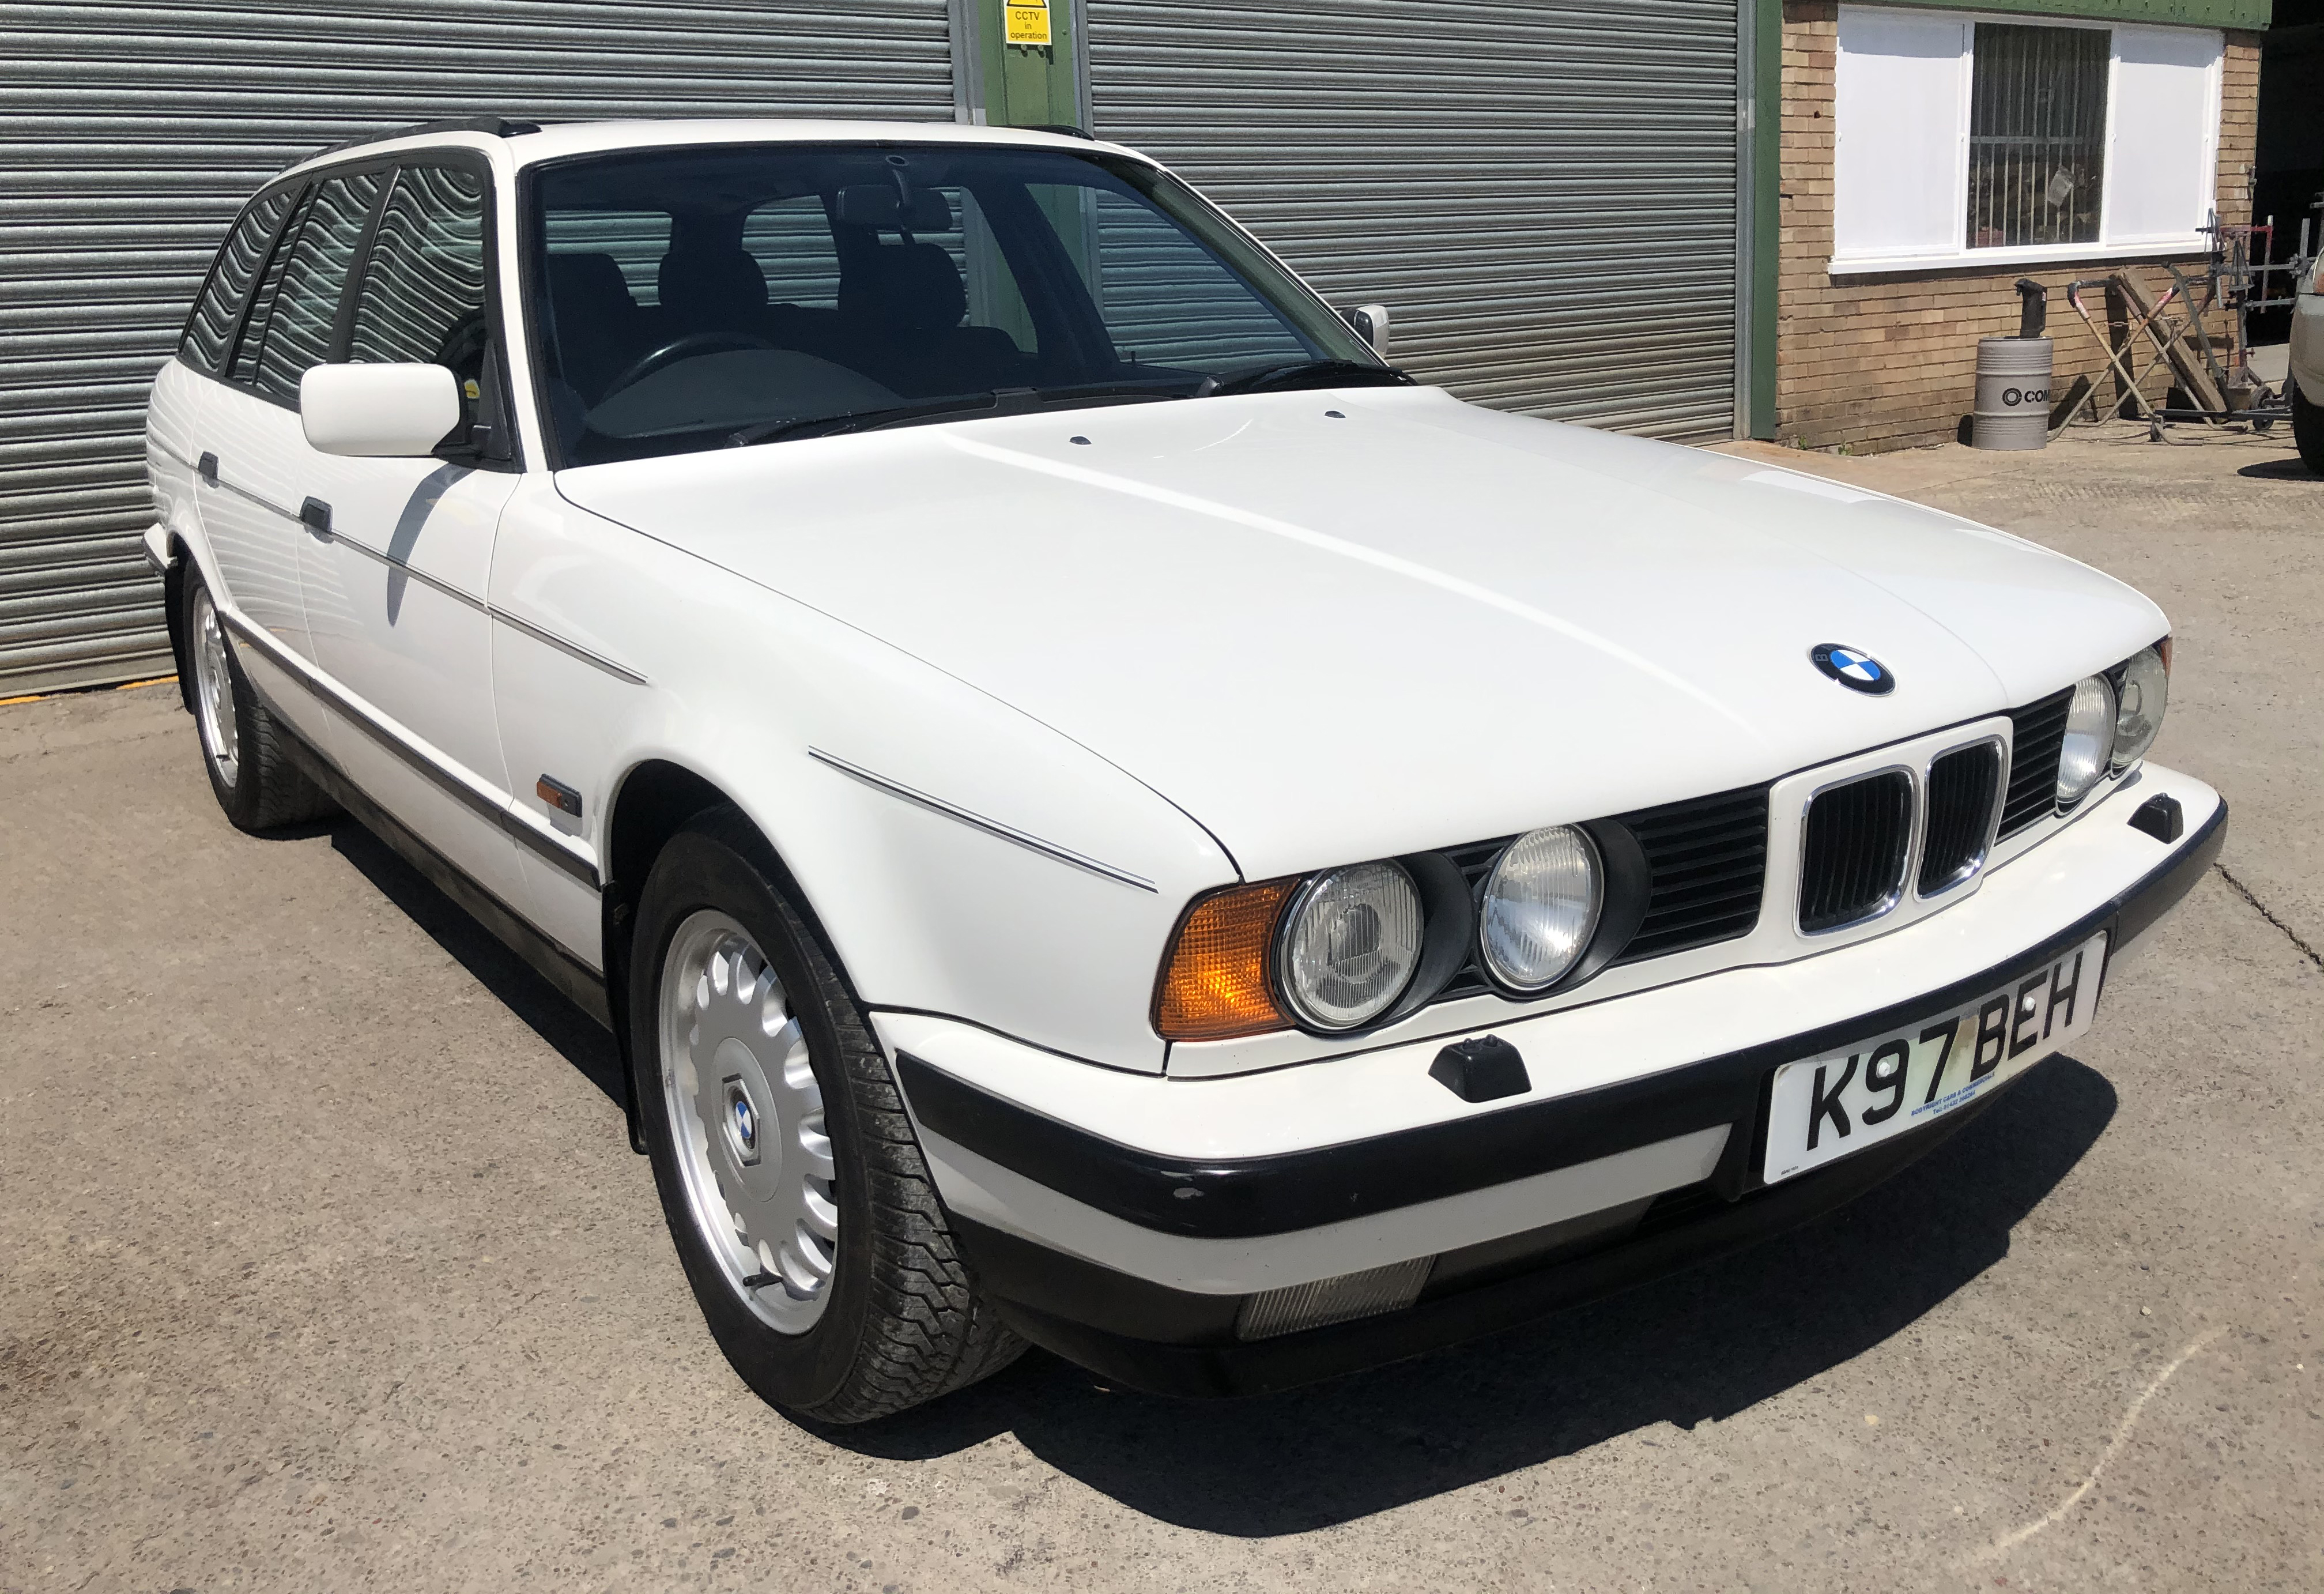 1993 Bmw E34 525ix Touring